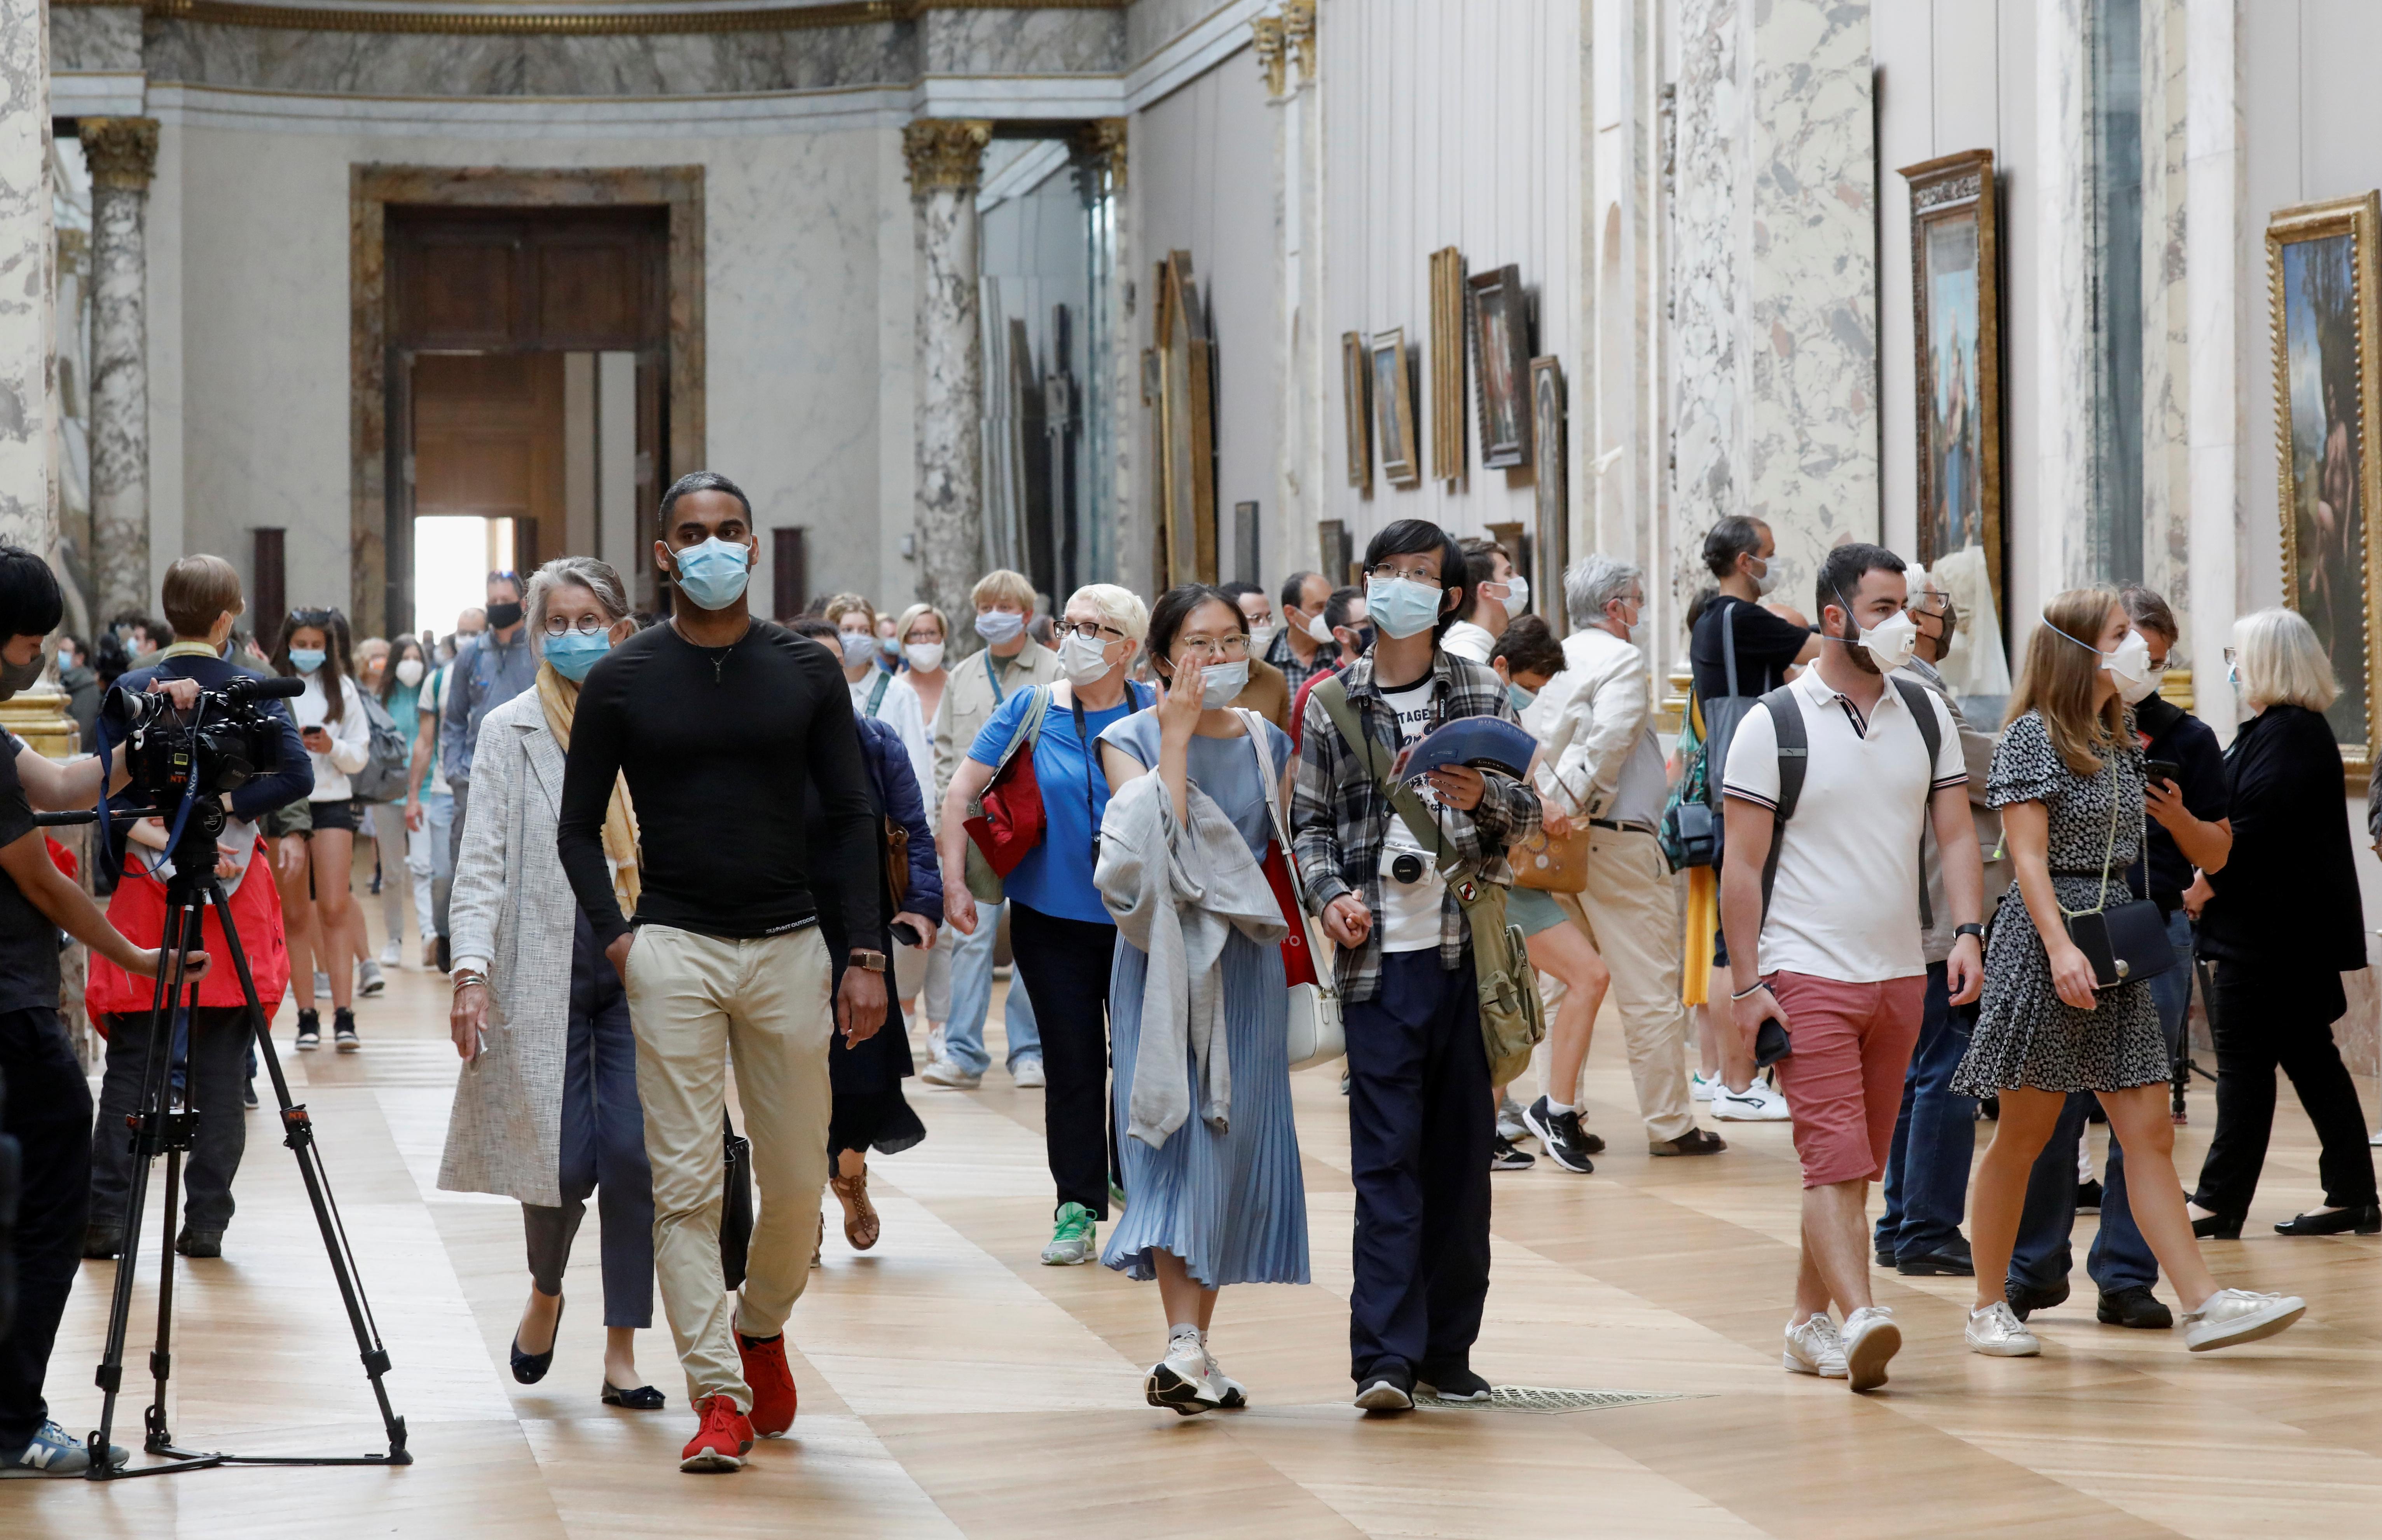 Antes de la pandemia, hasta 50.000 personas entraban en el Louvre en los días más atareados. (REUTERS/Charles Platiau)